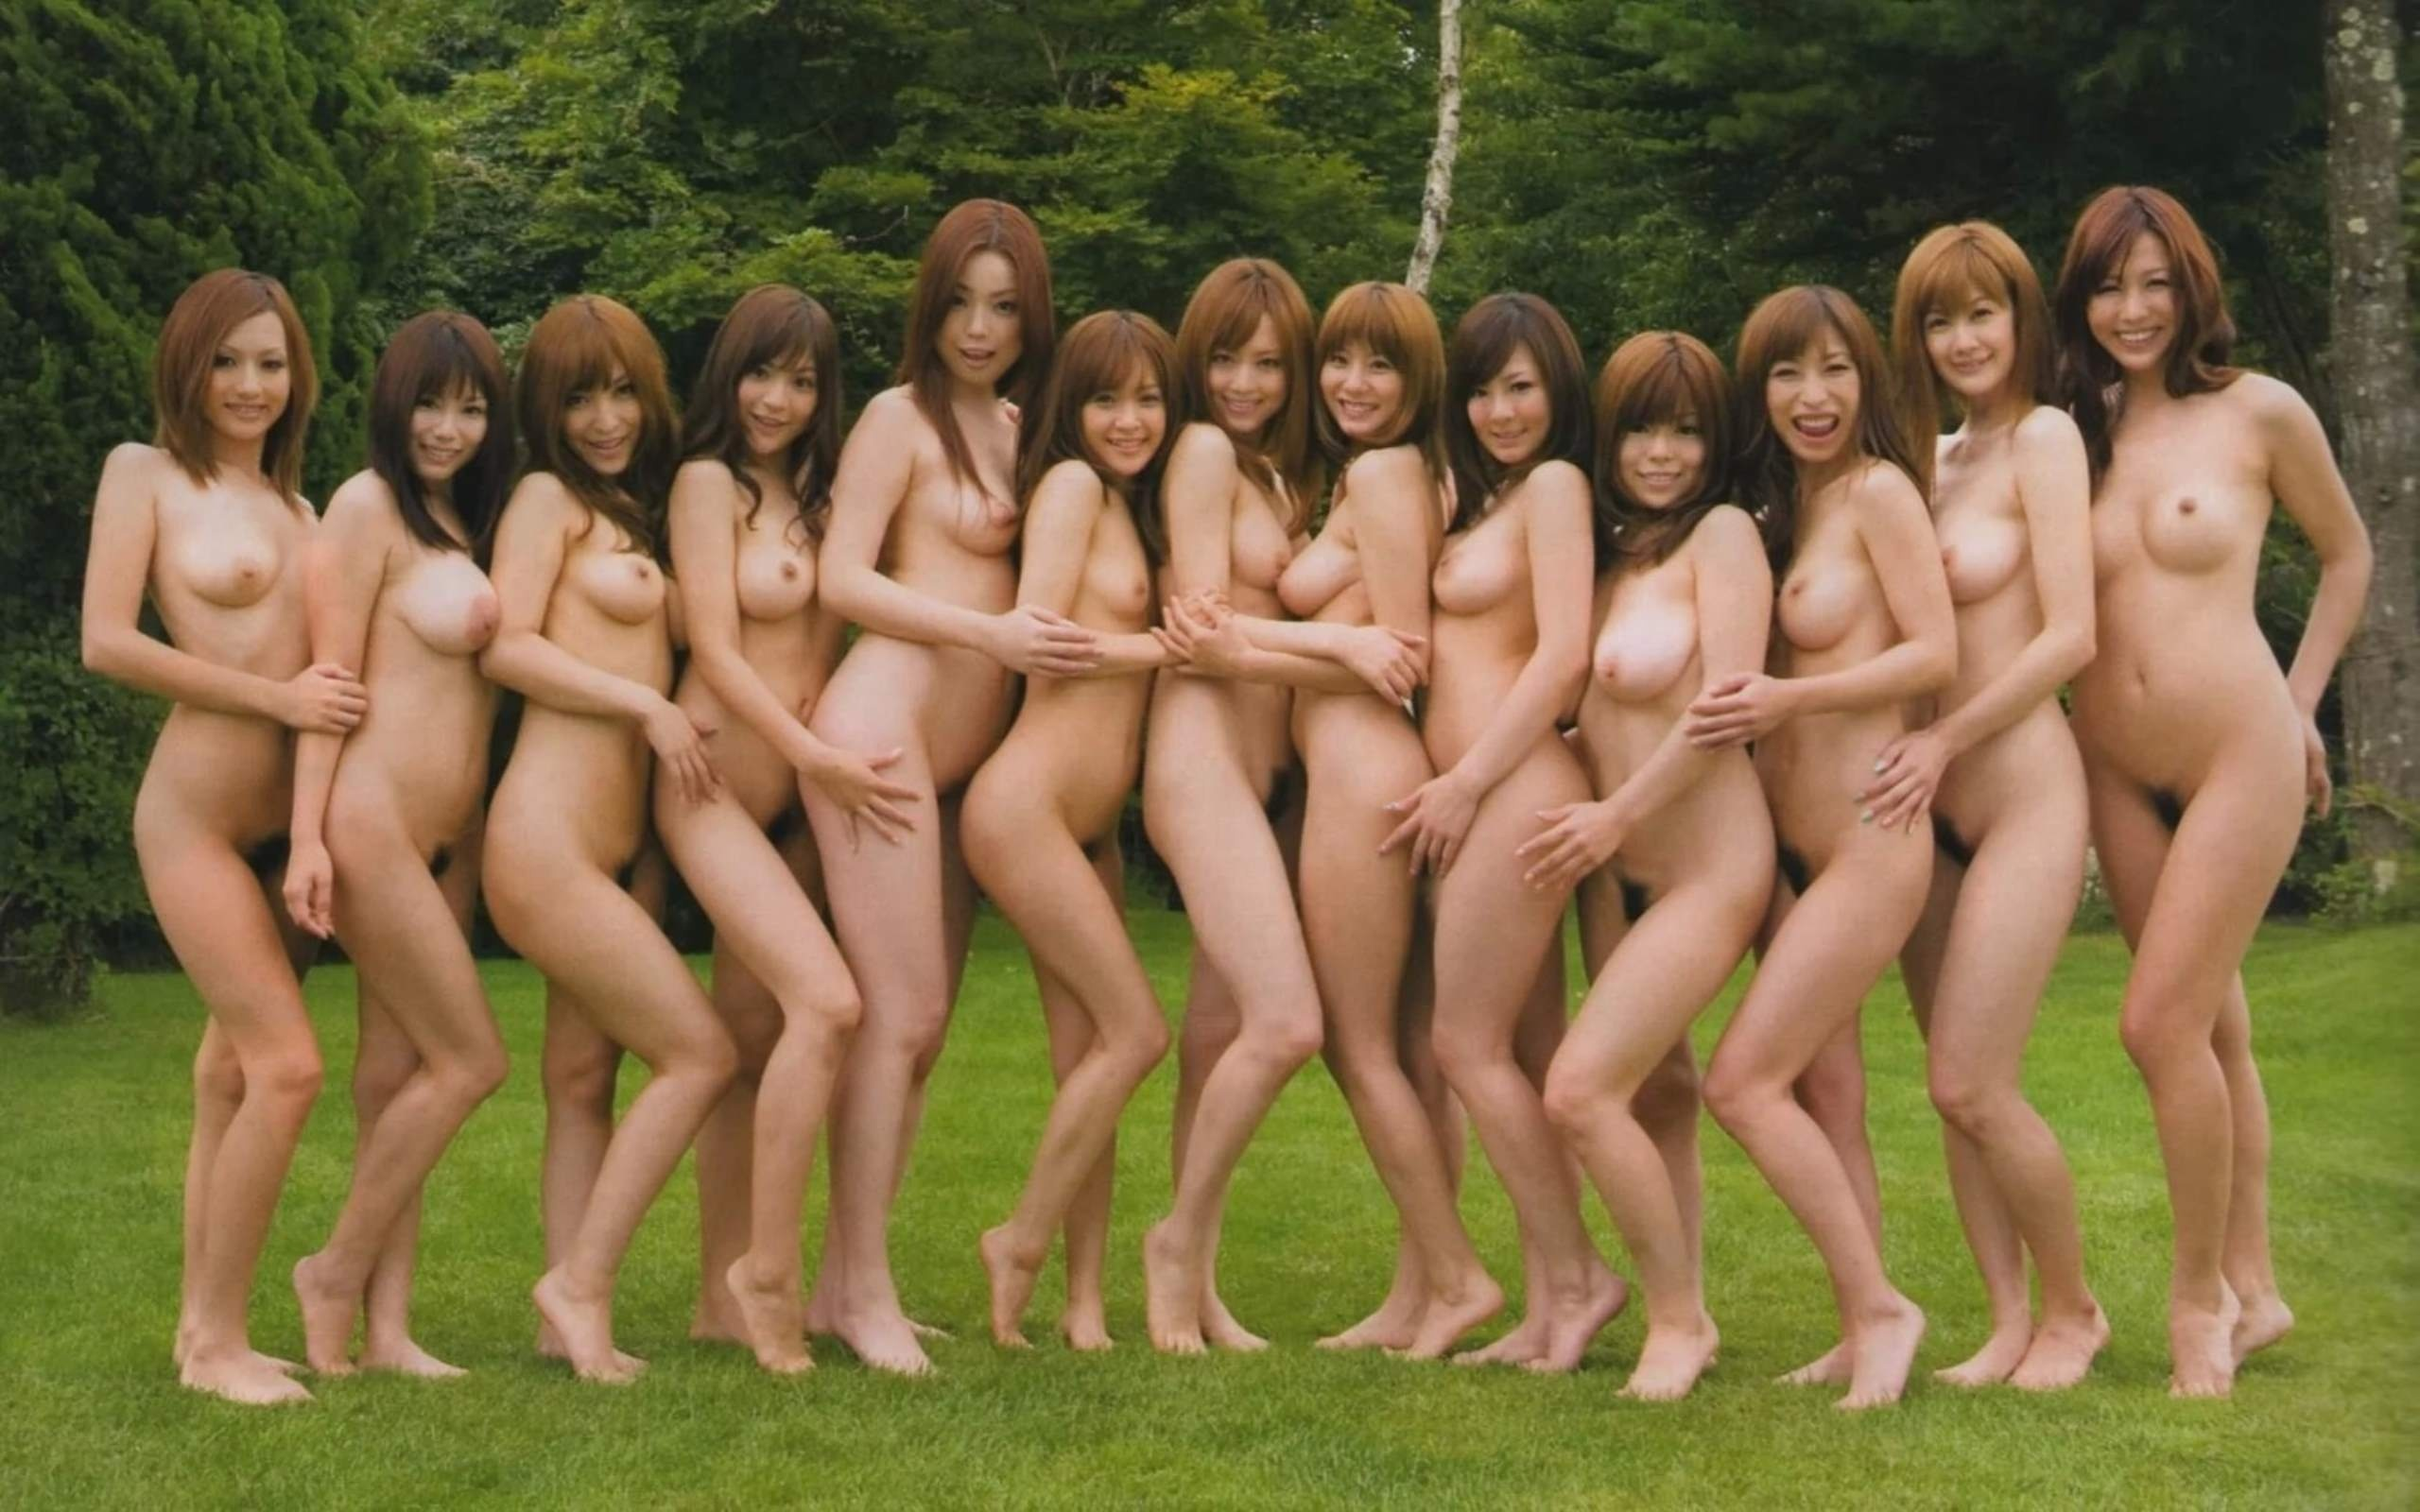 Смотреть порно телешоу китайцев 18 фотография